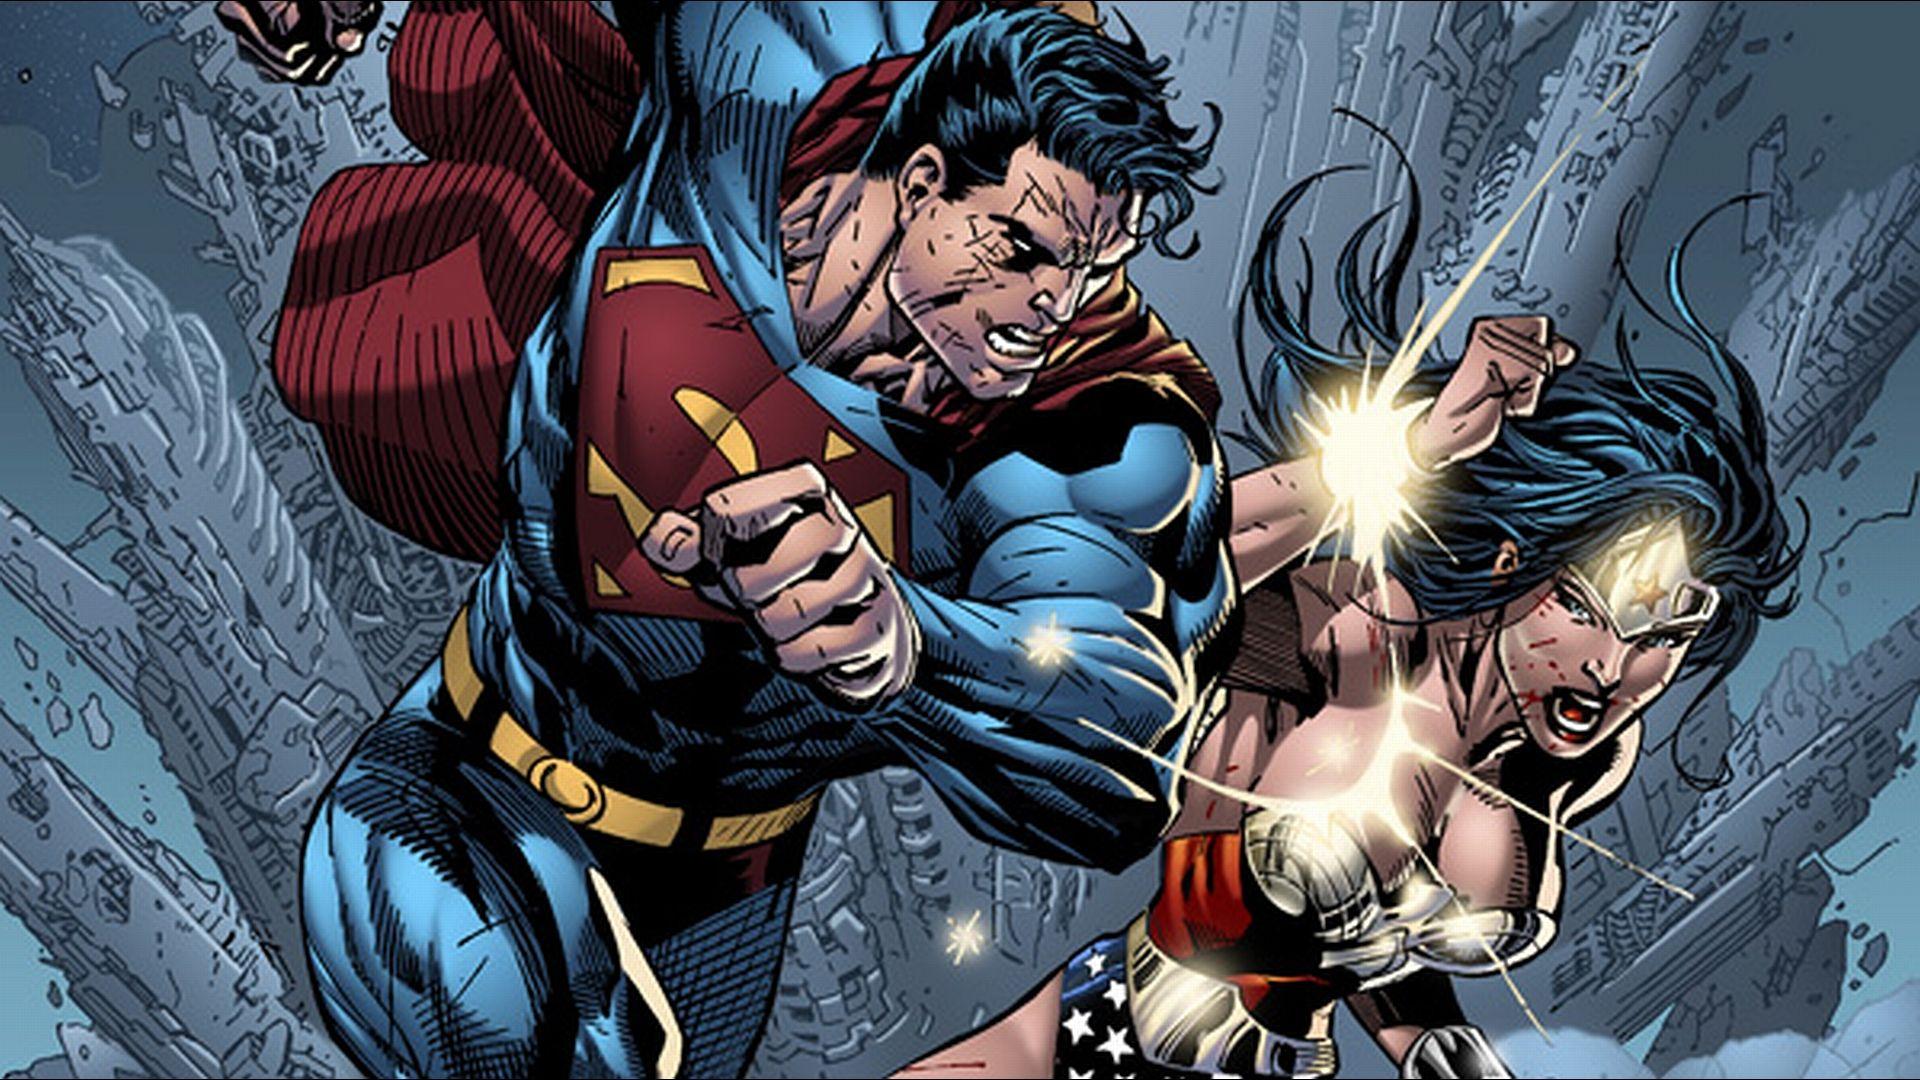 Comics Superman Wallpaper Batman Comic Wallpaper Superman Wallpaper Superman Hd Wallpaper